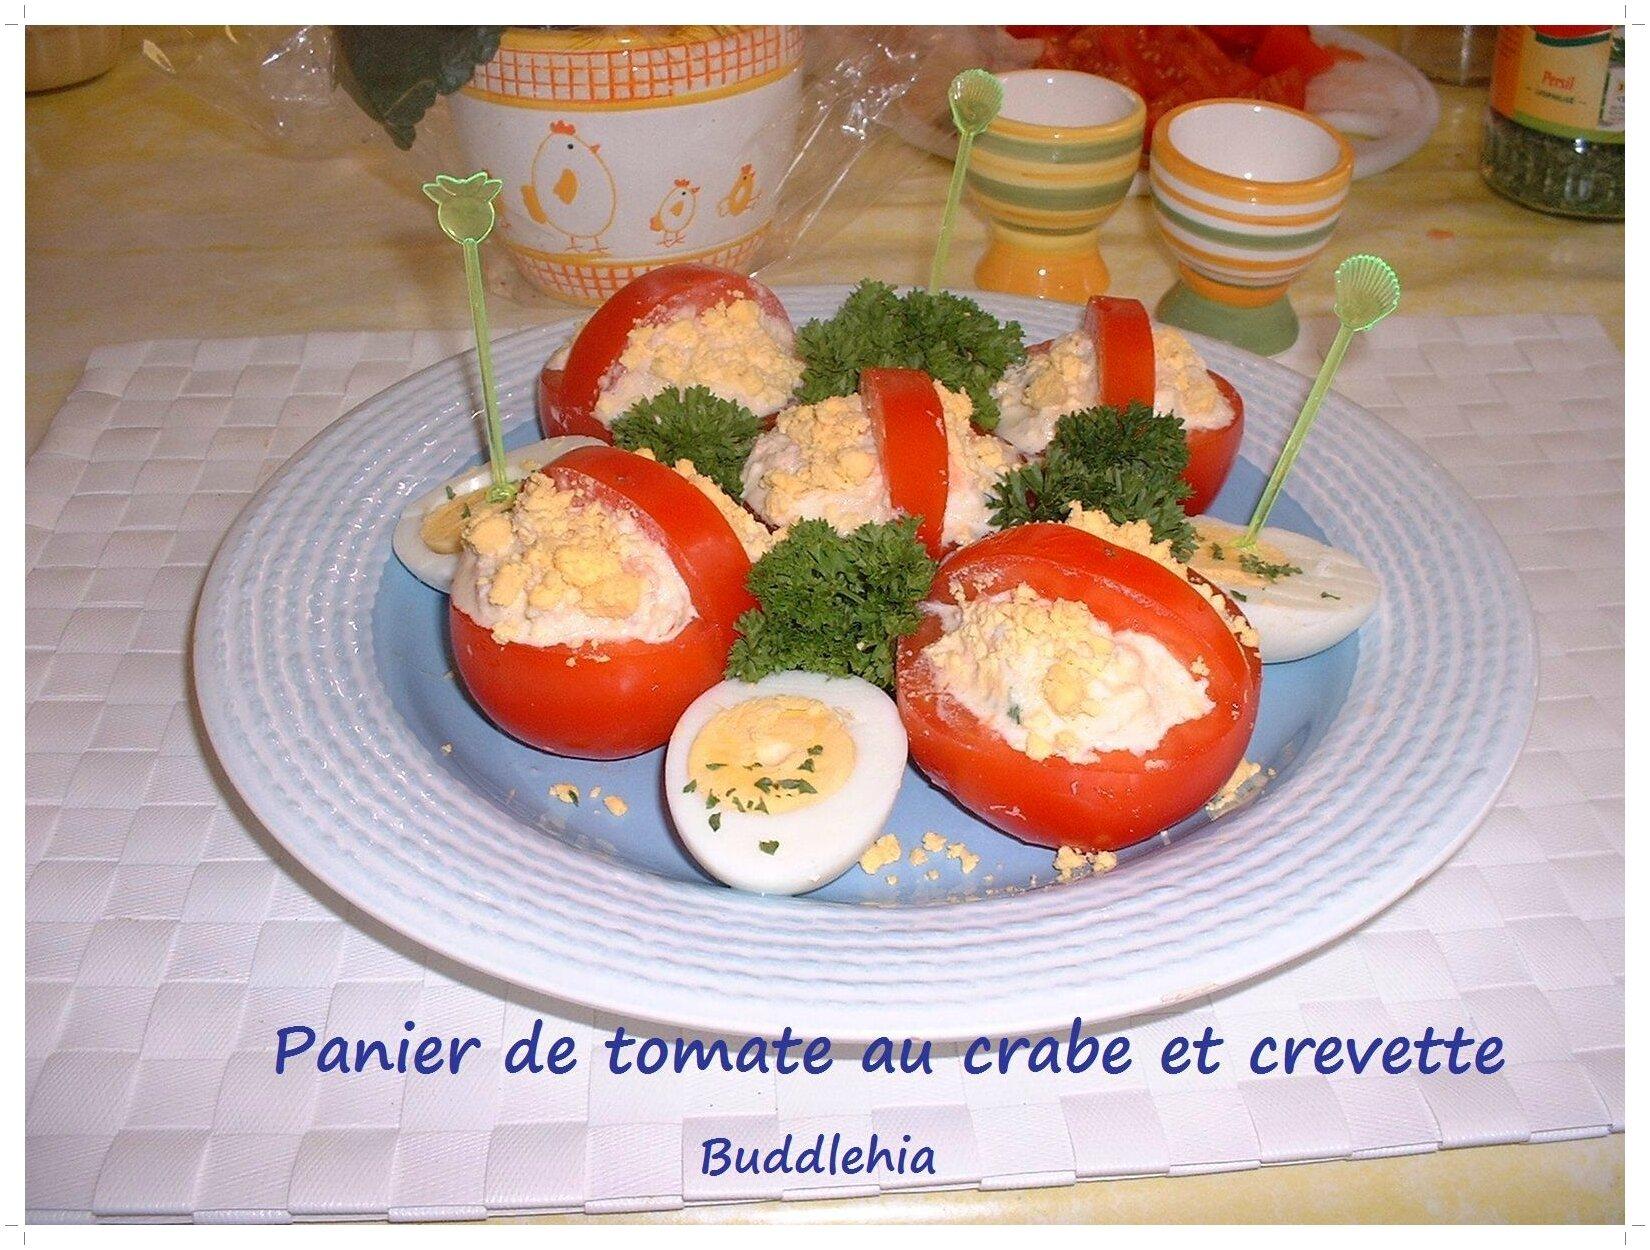 Panier de tomates au crabe et crevettes